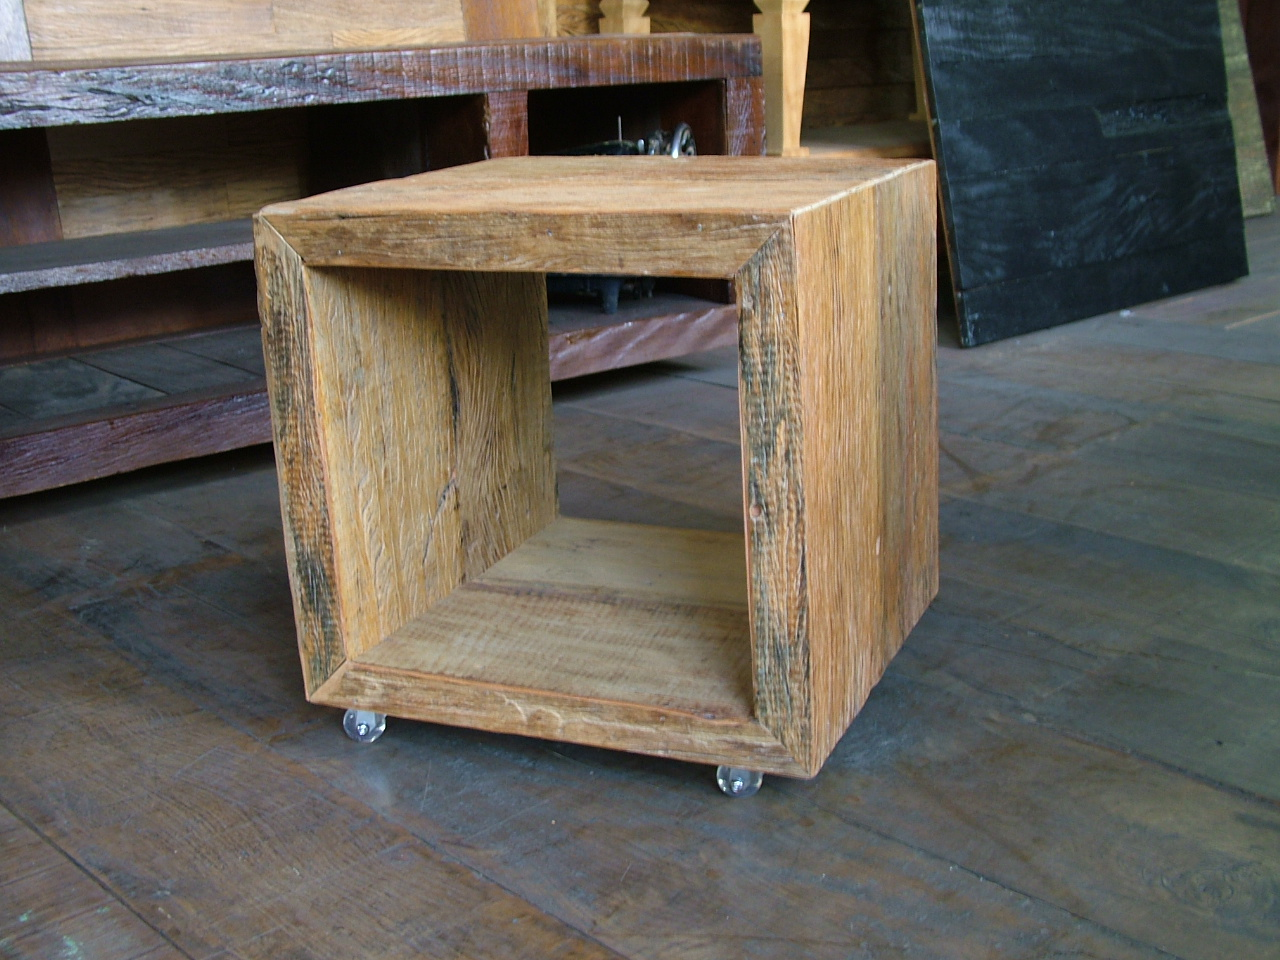 rústicos móveis em madeira de demolição cubos em madeira de  #8D6A3E 1280x960